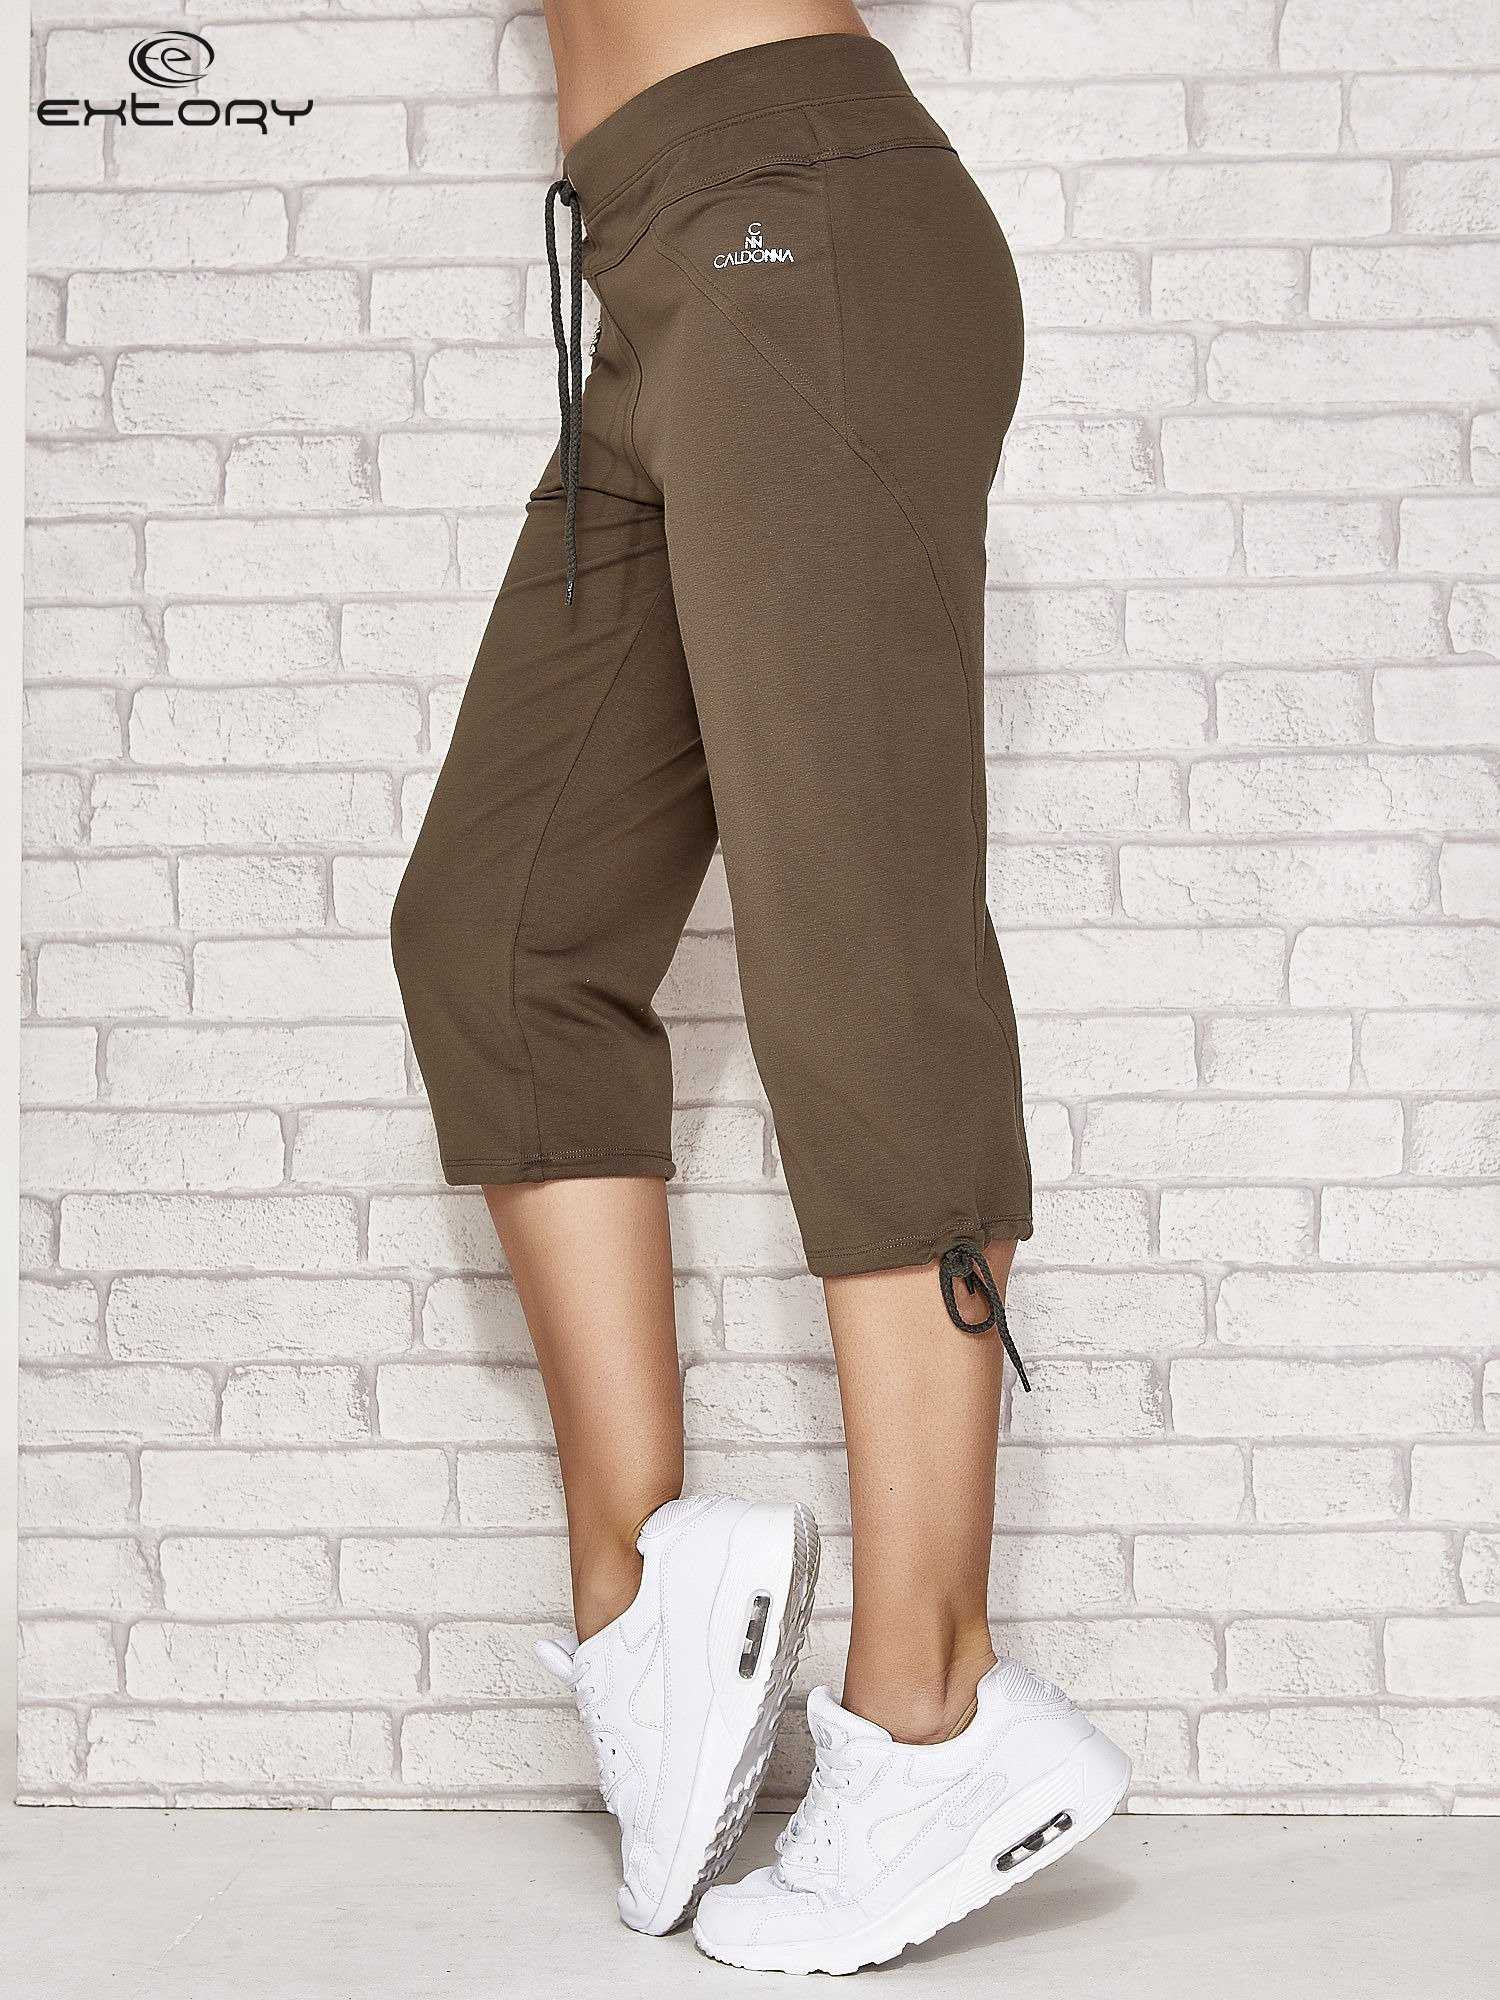 Khaki spodnie dresowe capri z kieszonką                                  zdj.                                  3